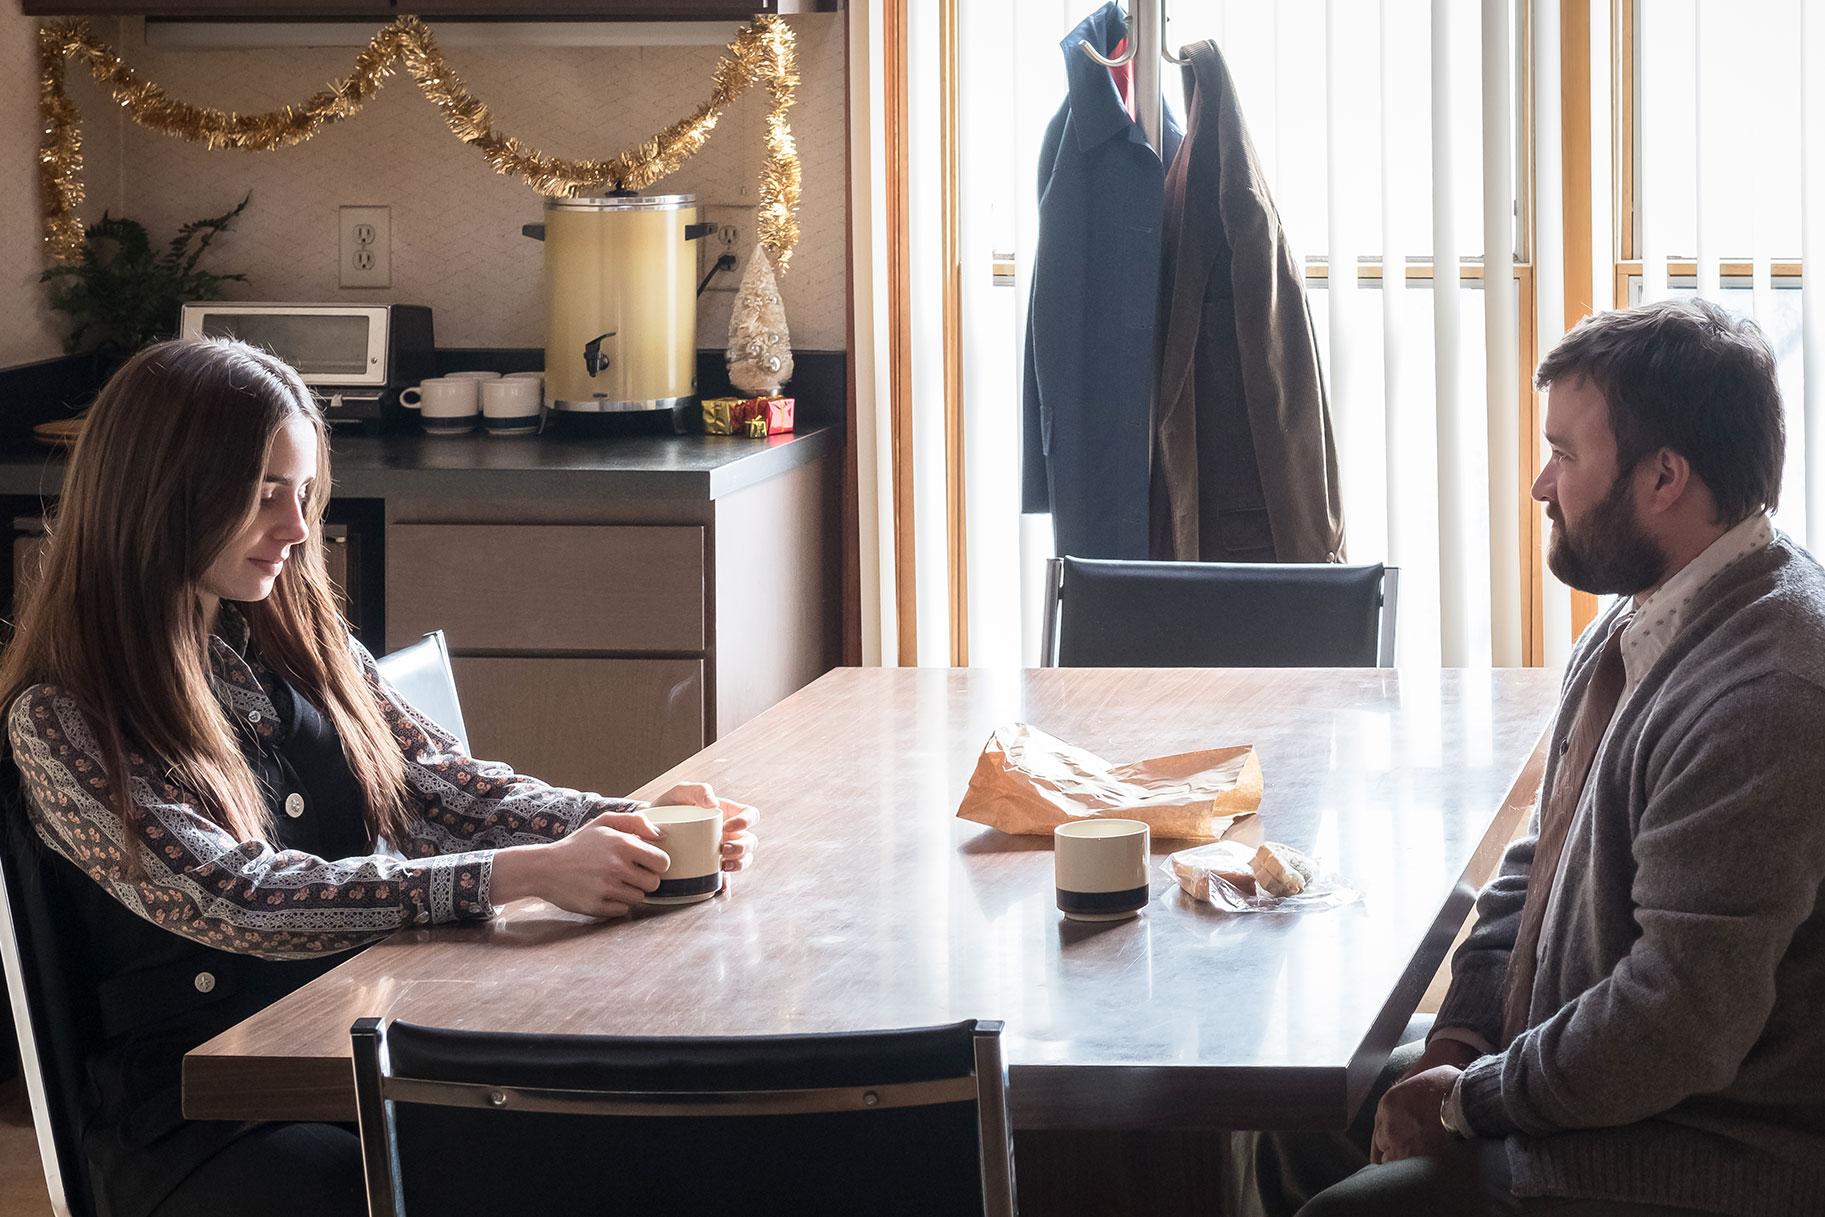 ¿El personaje de Haley Joel Osment en 'Extremely Wicked' está basado en una persona real?